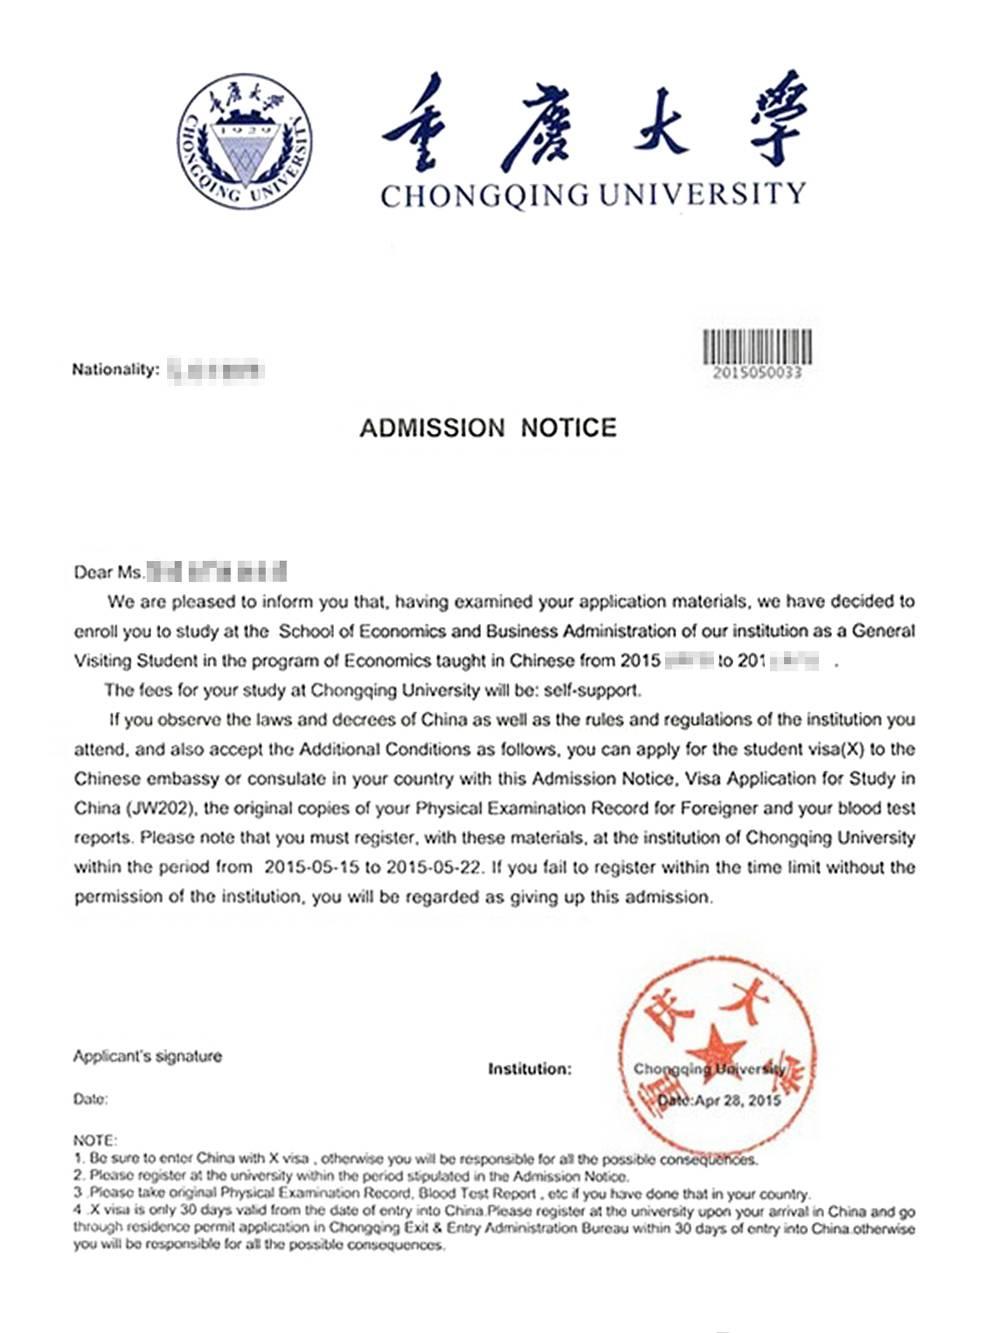 Так выглядит приглашение из китайского вуза. Это пример из интернета и от другого университета, потому что я не смогла найти свое, но суть та же. Источник: Study.cqu.edu.cn